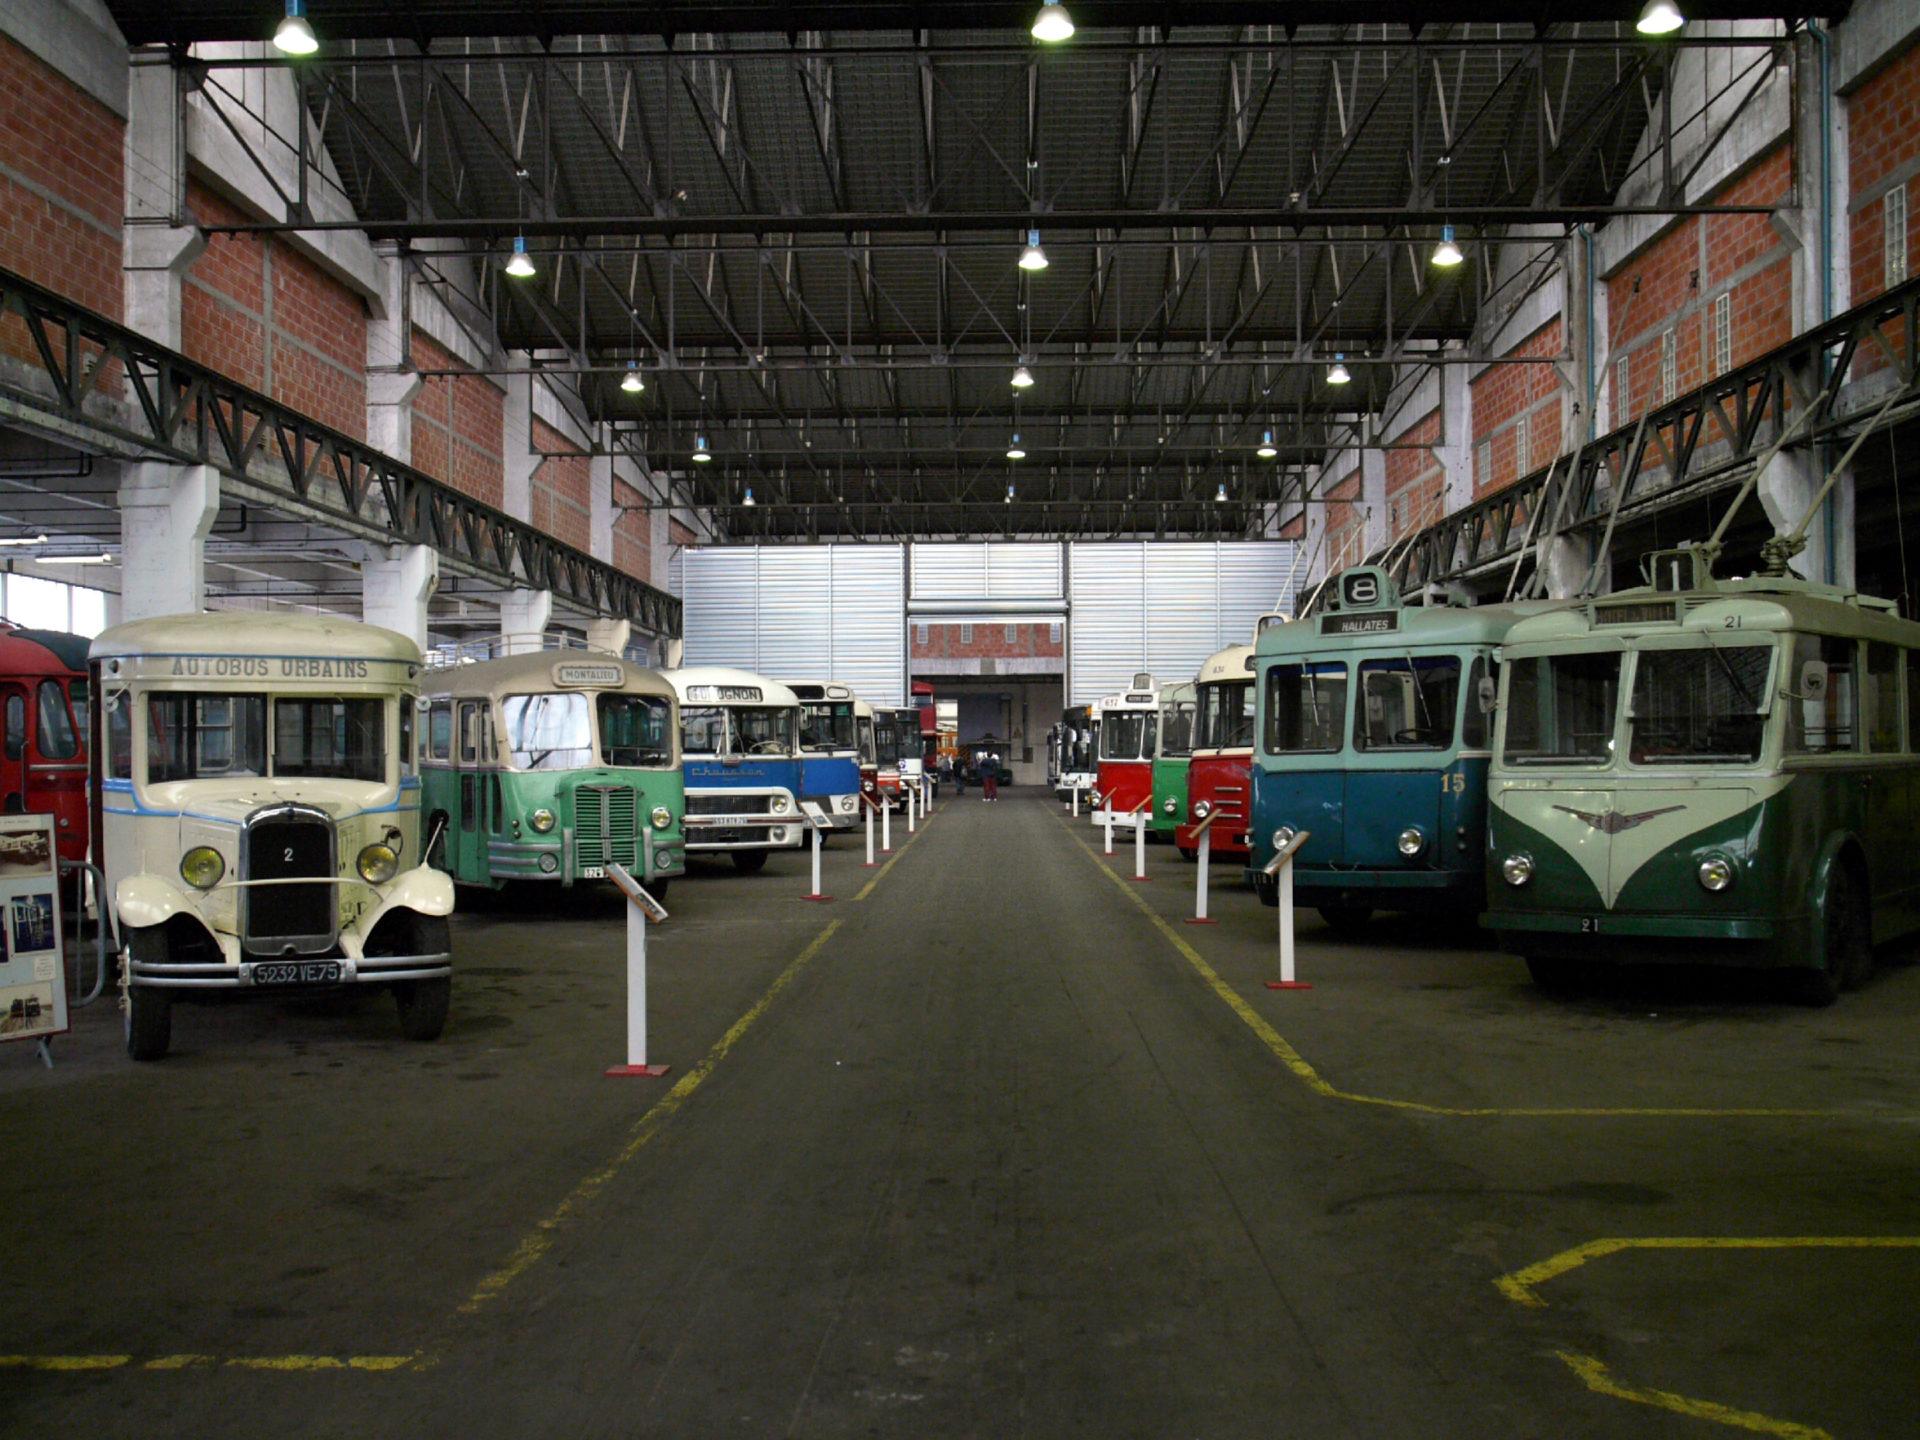 Musée des transports urbains Stéphanois